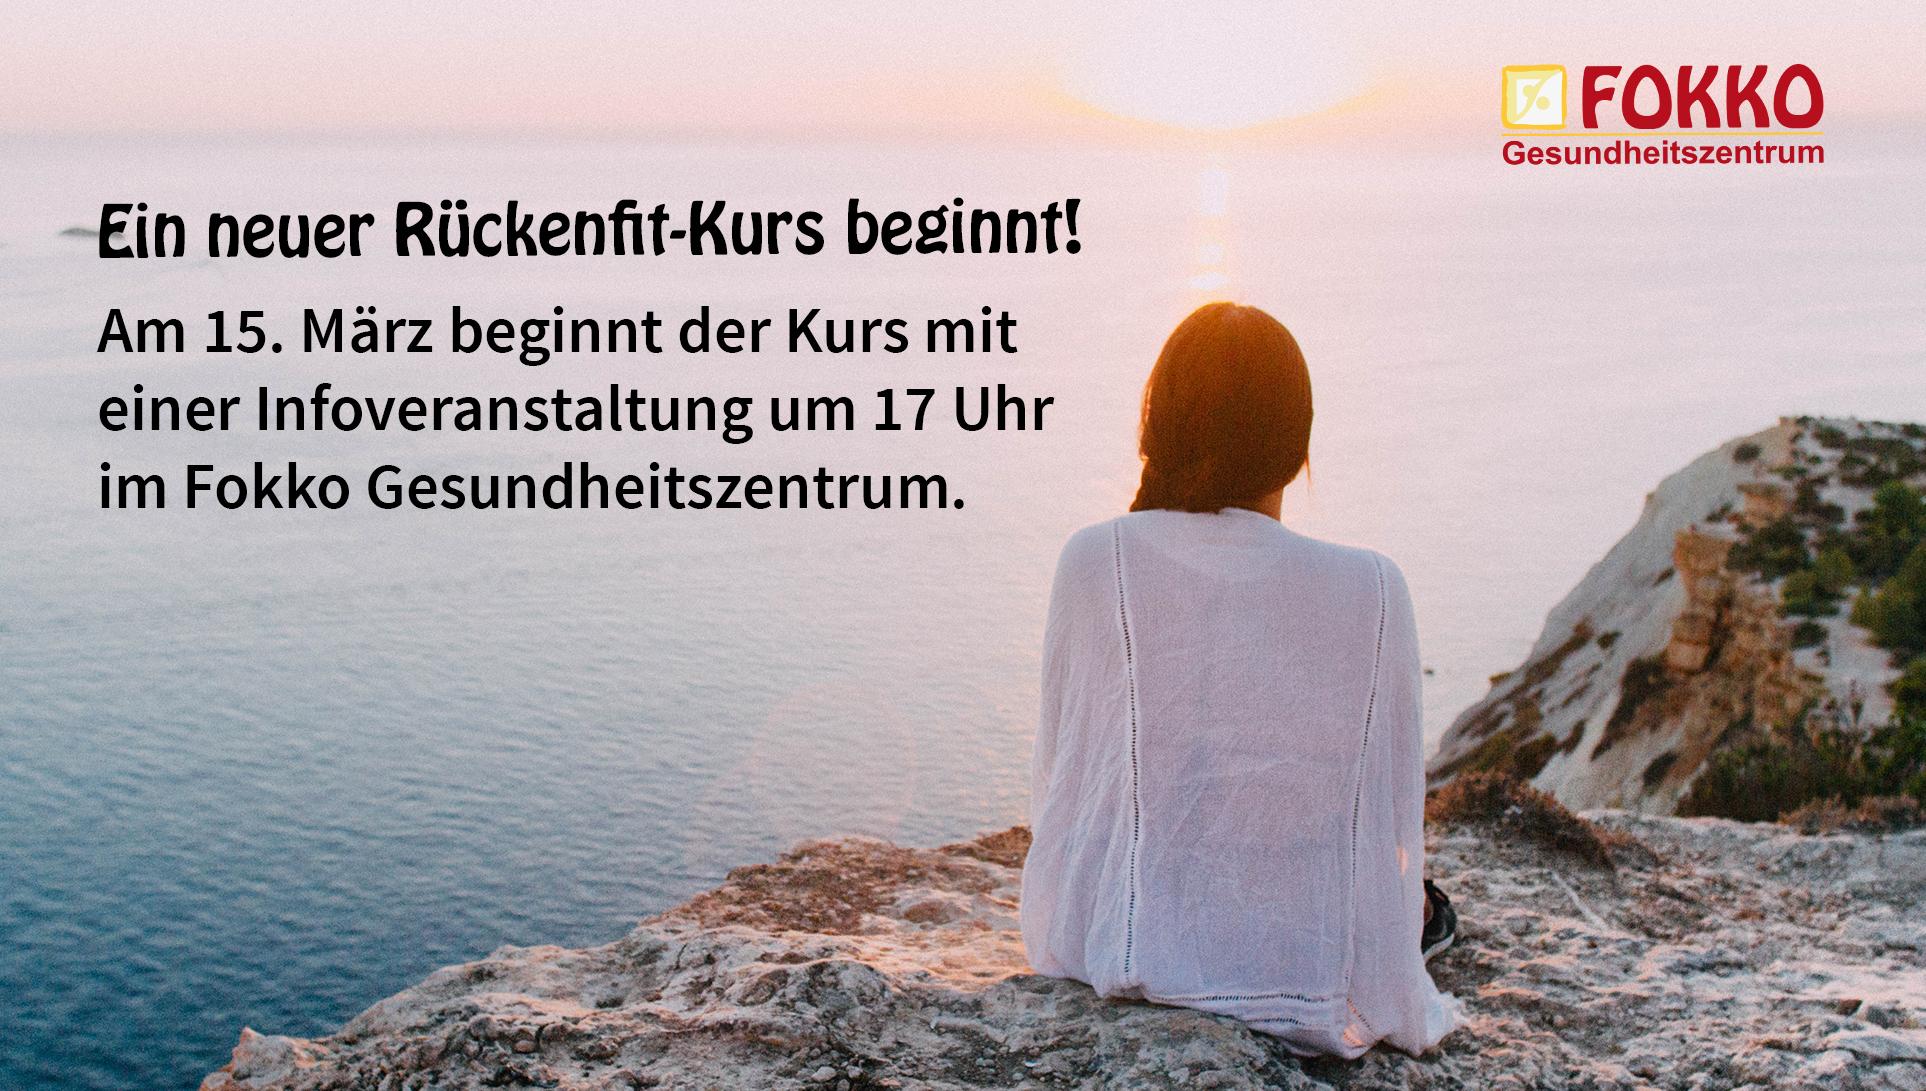 Rueckenfit